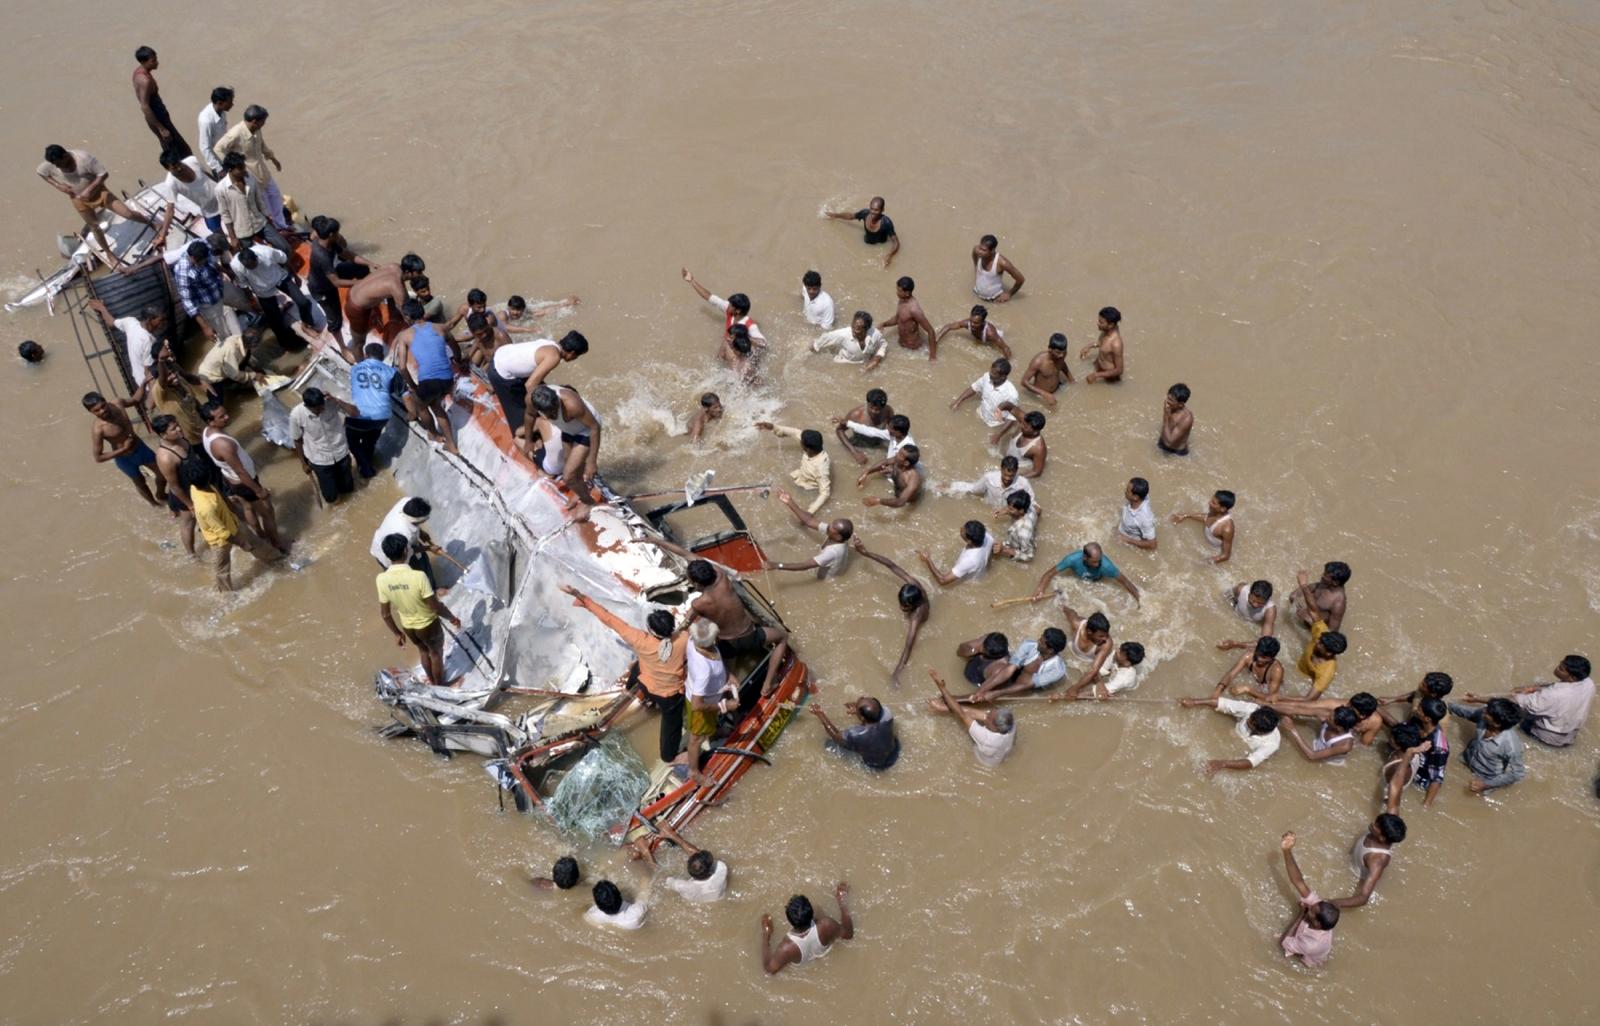 India bus accident